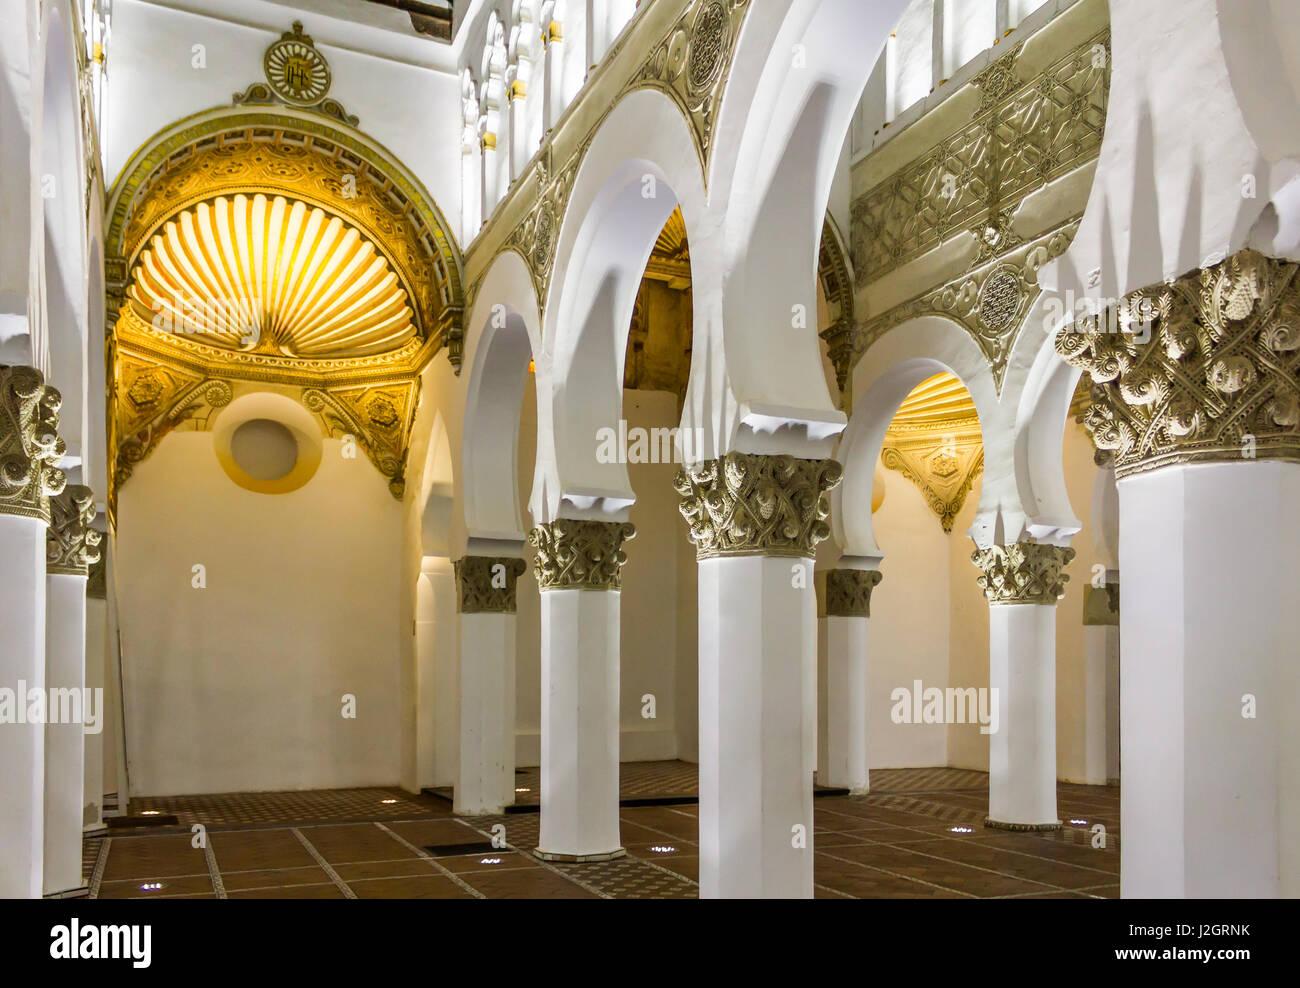 Sephardic Spain Stock Photos & Sephardic Spain Stock ...